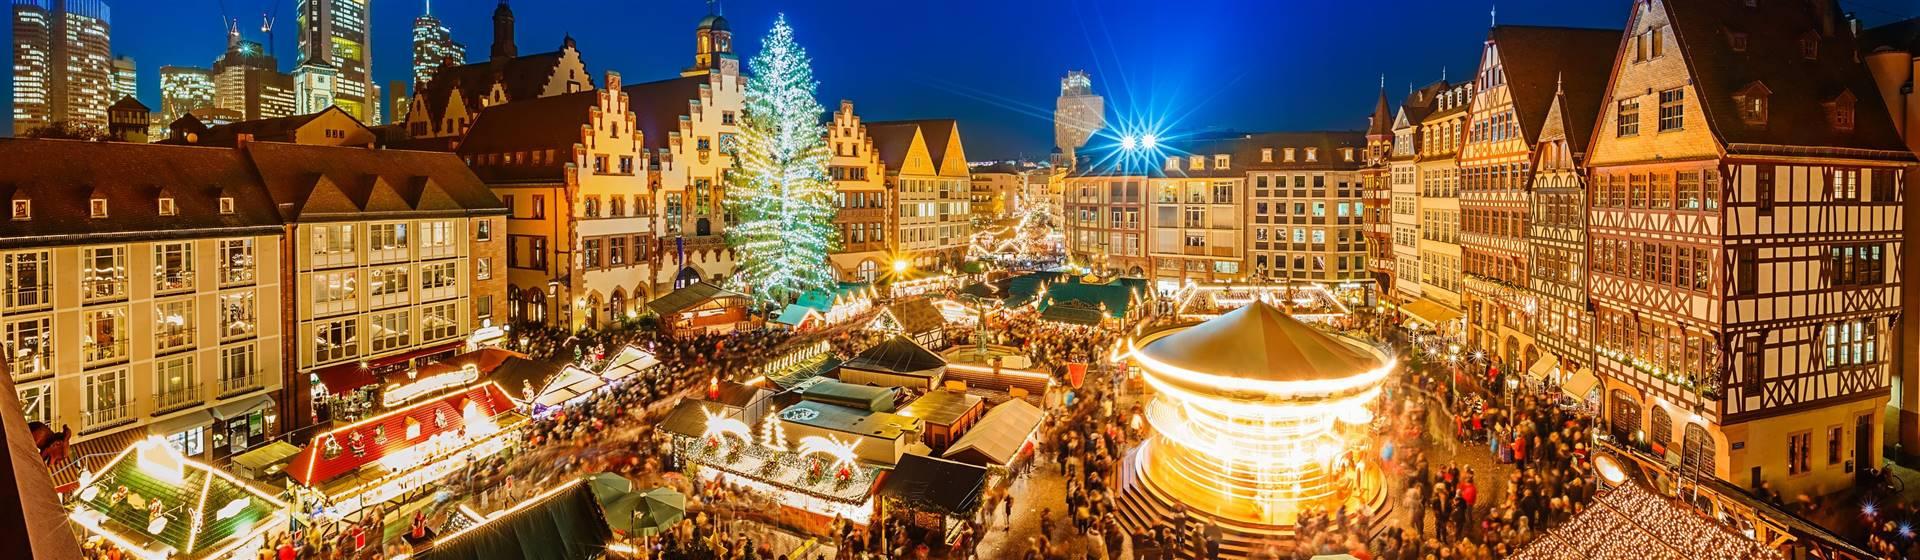 """<img src=""""christmasmarkets-shutterstock.jpeg"""" alt=""""Christmas Market""""/>"""